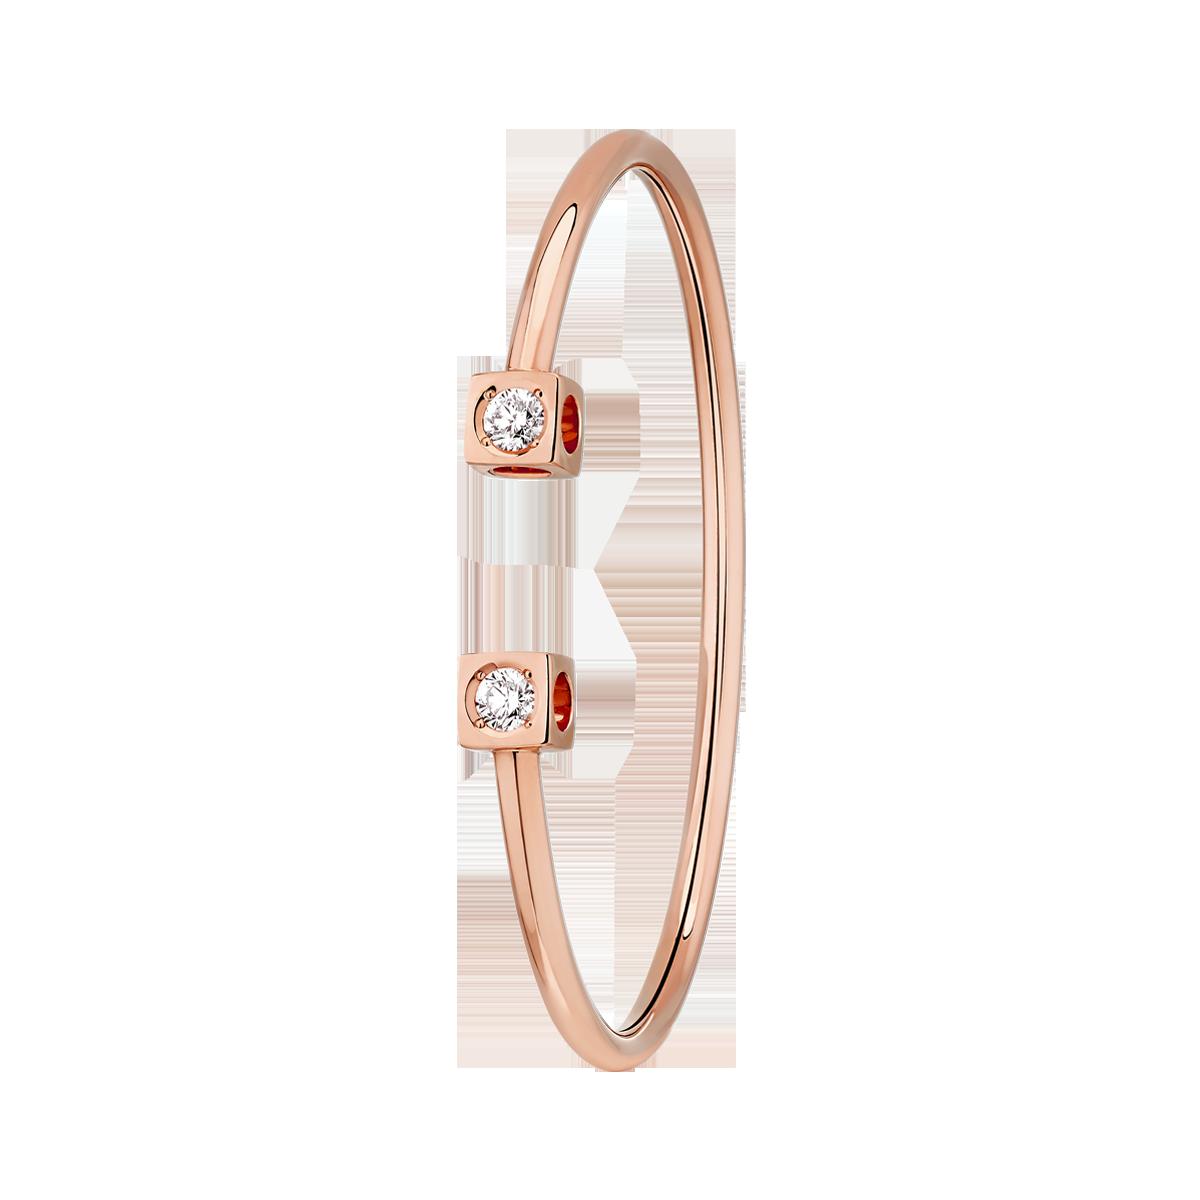 Bracelet Le Cube Diamant Grand Modèle or rose